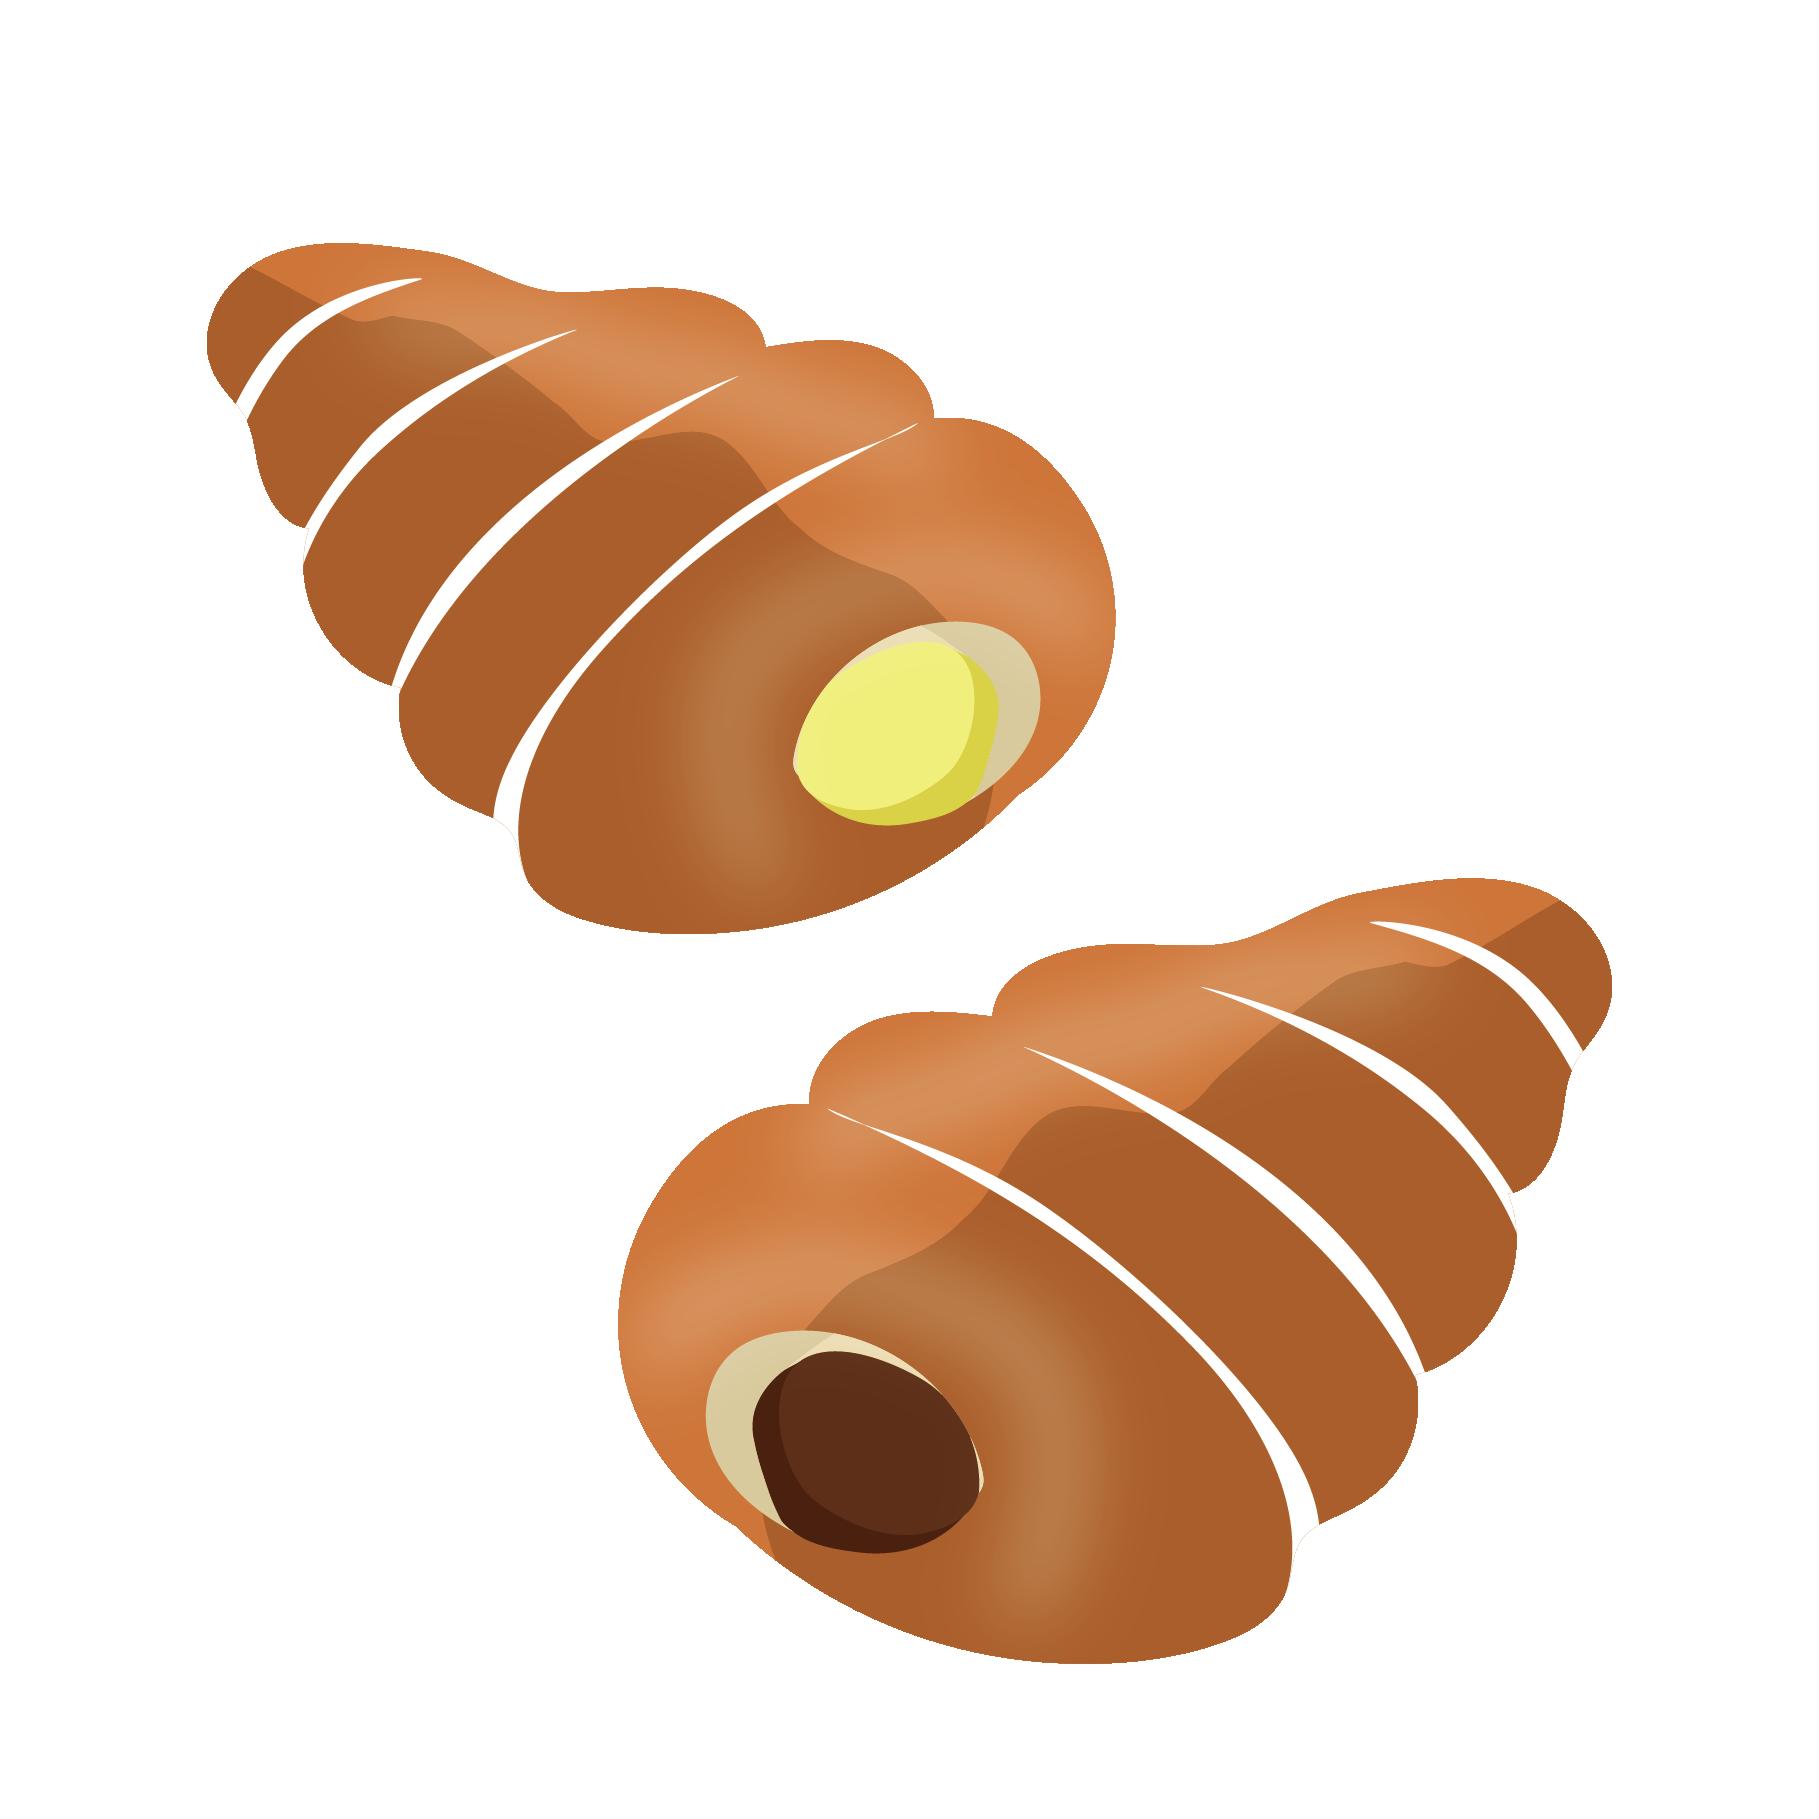 チョココロネとクリームコロネ パンのイラスト【菓子パン】 | 商用